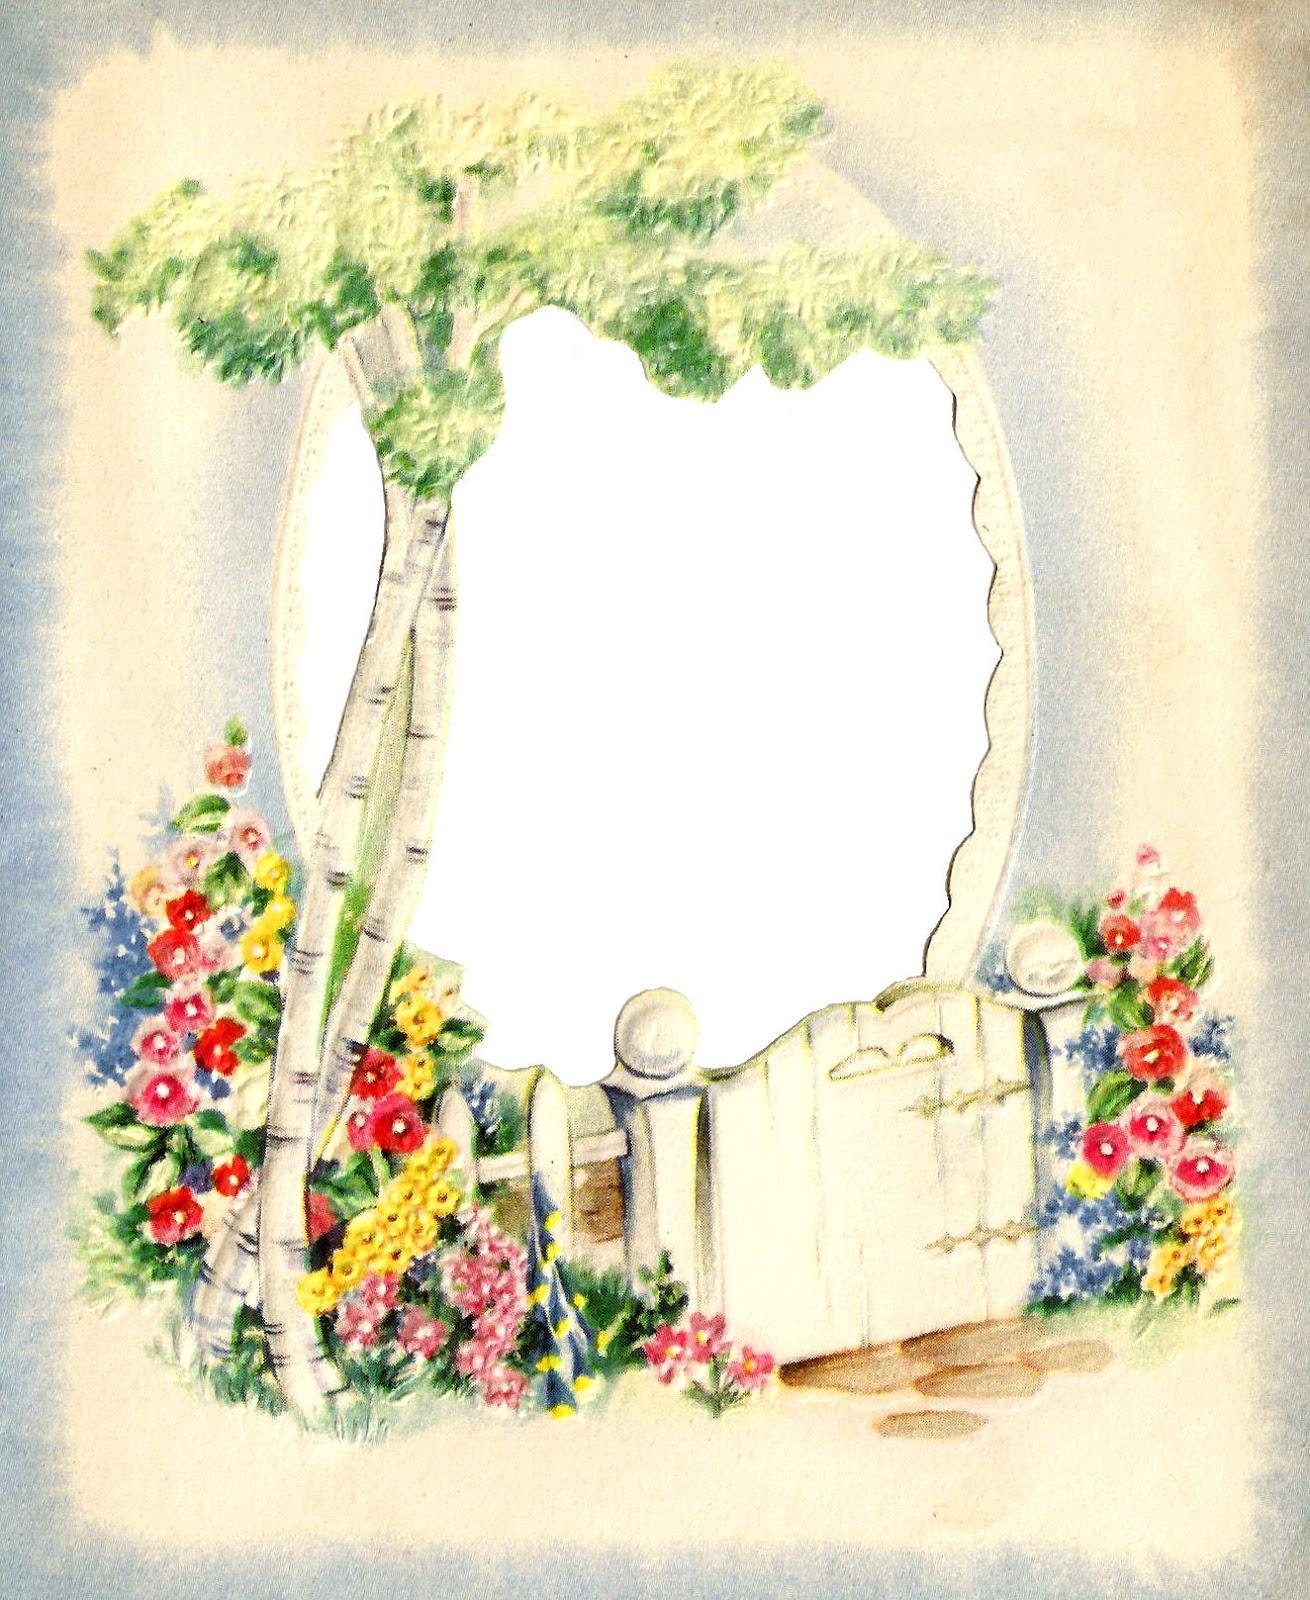 Gate clipart garden frame Images: Garden Printable Flower digital